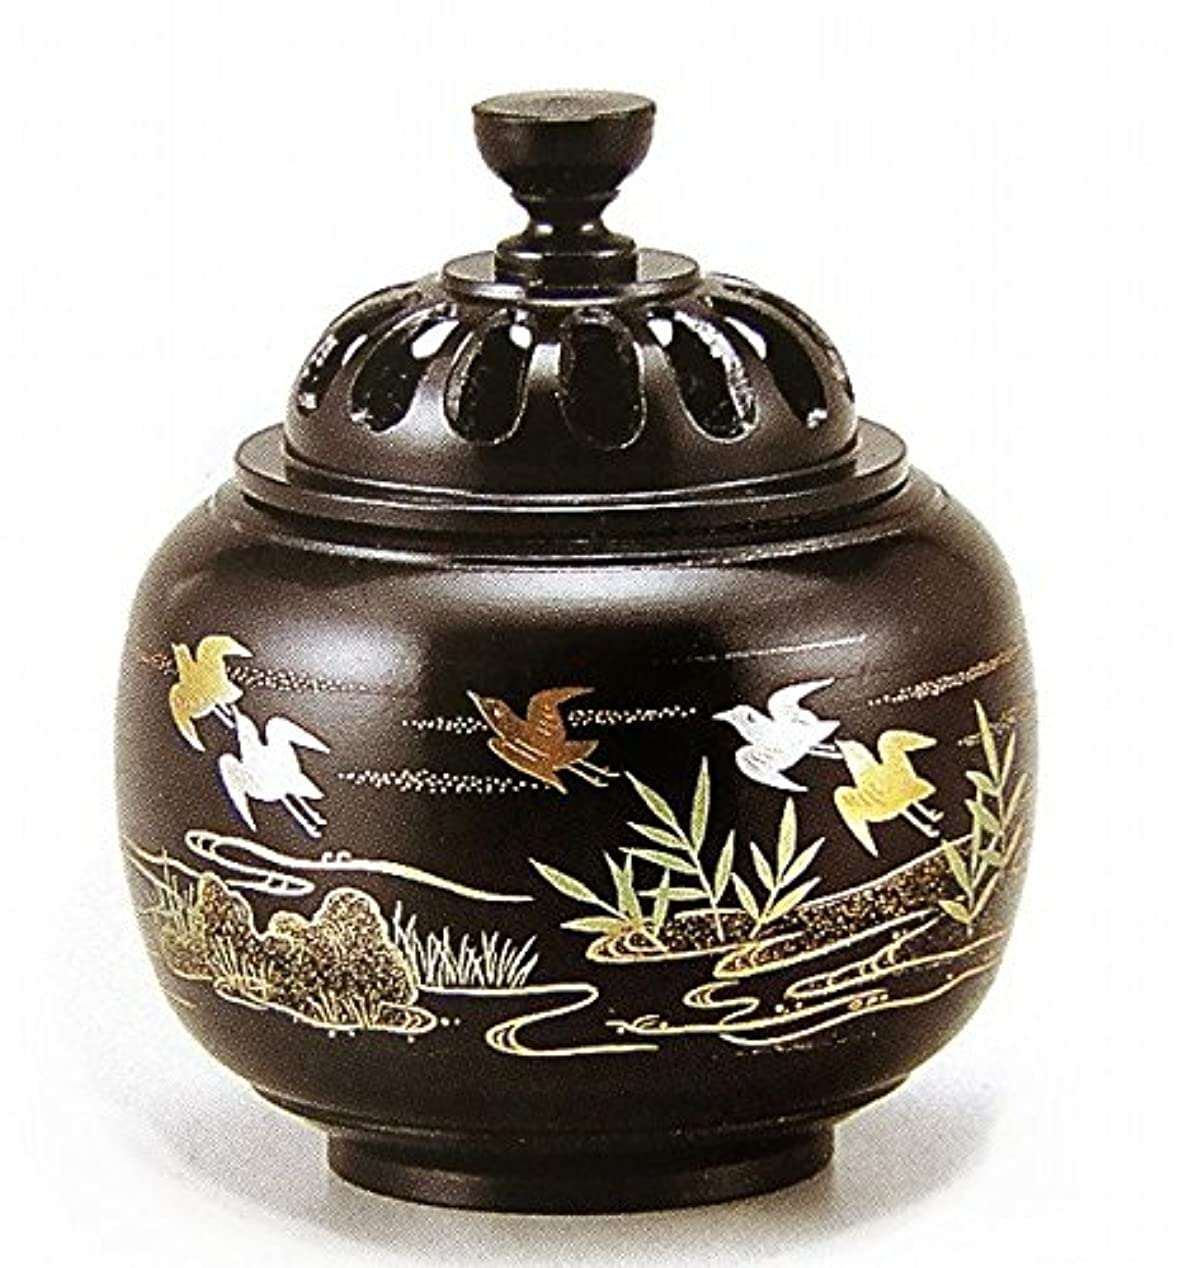 オーストラリア相関する曖昧な『玉胴型香炉?波千鳥蒔絵』銅製